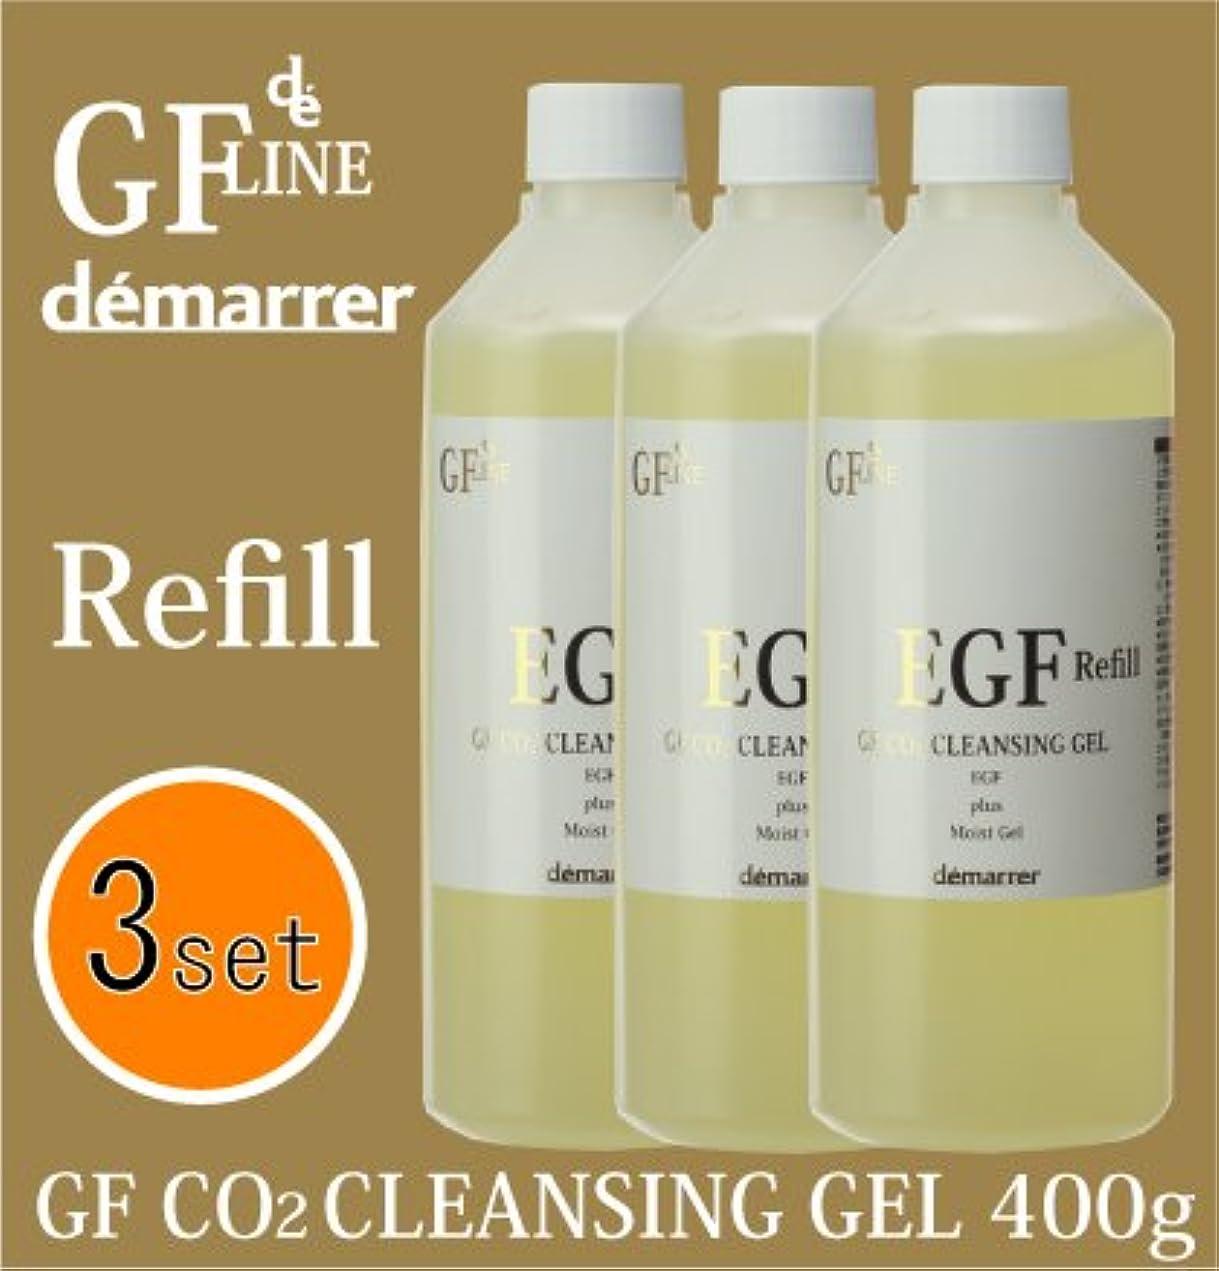 可動流産不承認デマレ GF 炭酸洗顔クレンジン 400g レフィル 詰替用 3本セット